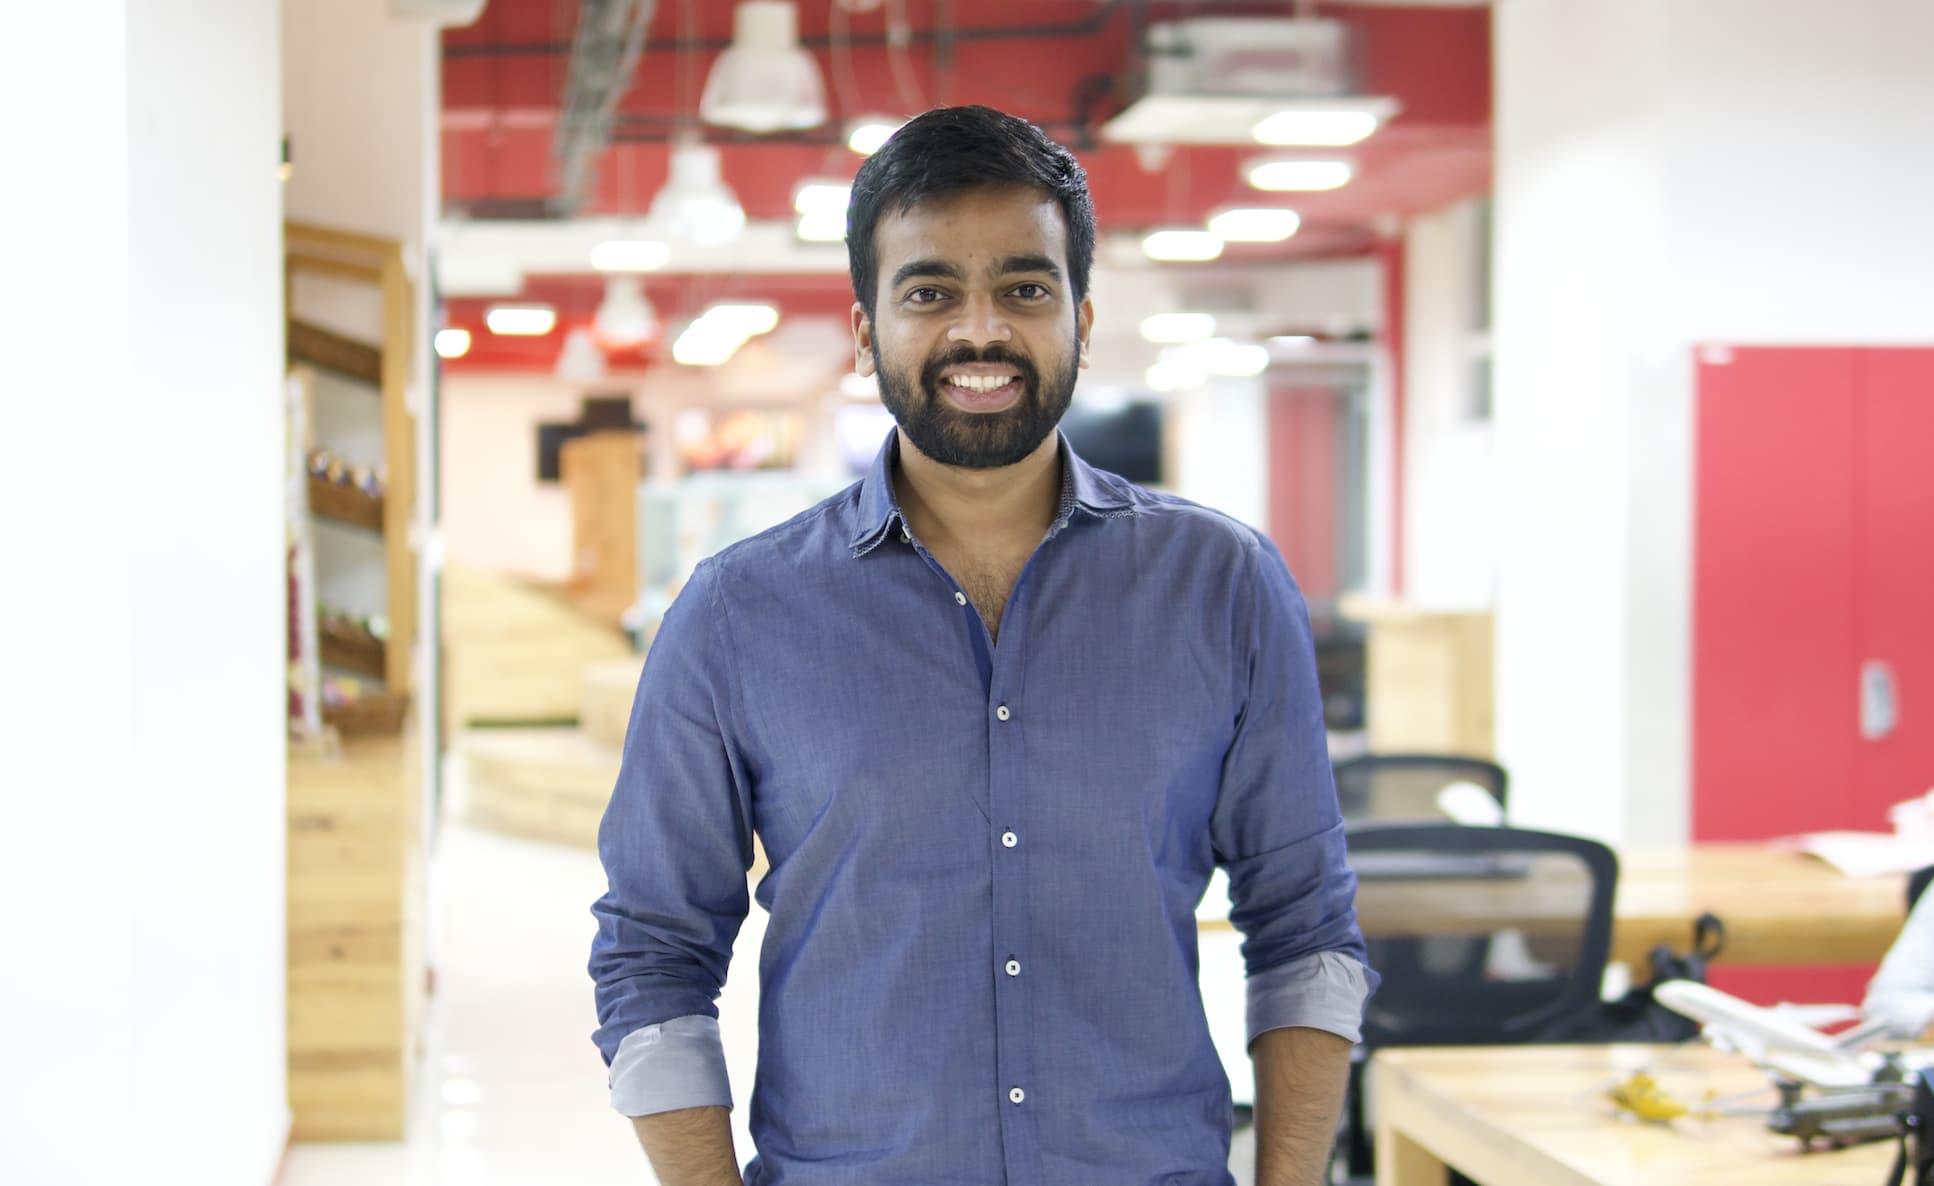 Theo Shetty,ngành công nghiệp có khả năng trao quyền cho người dân ở những quốc gia như Ấn Độ